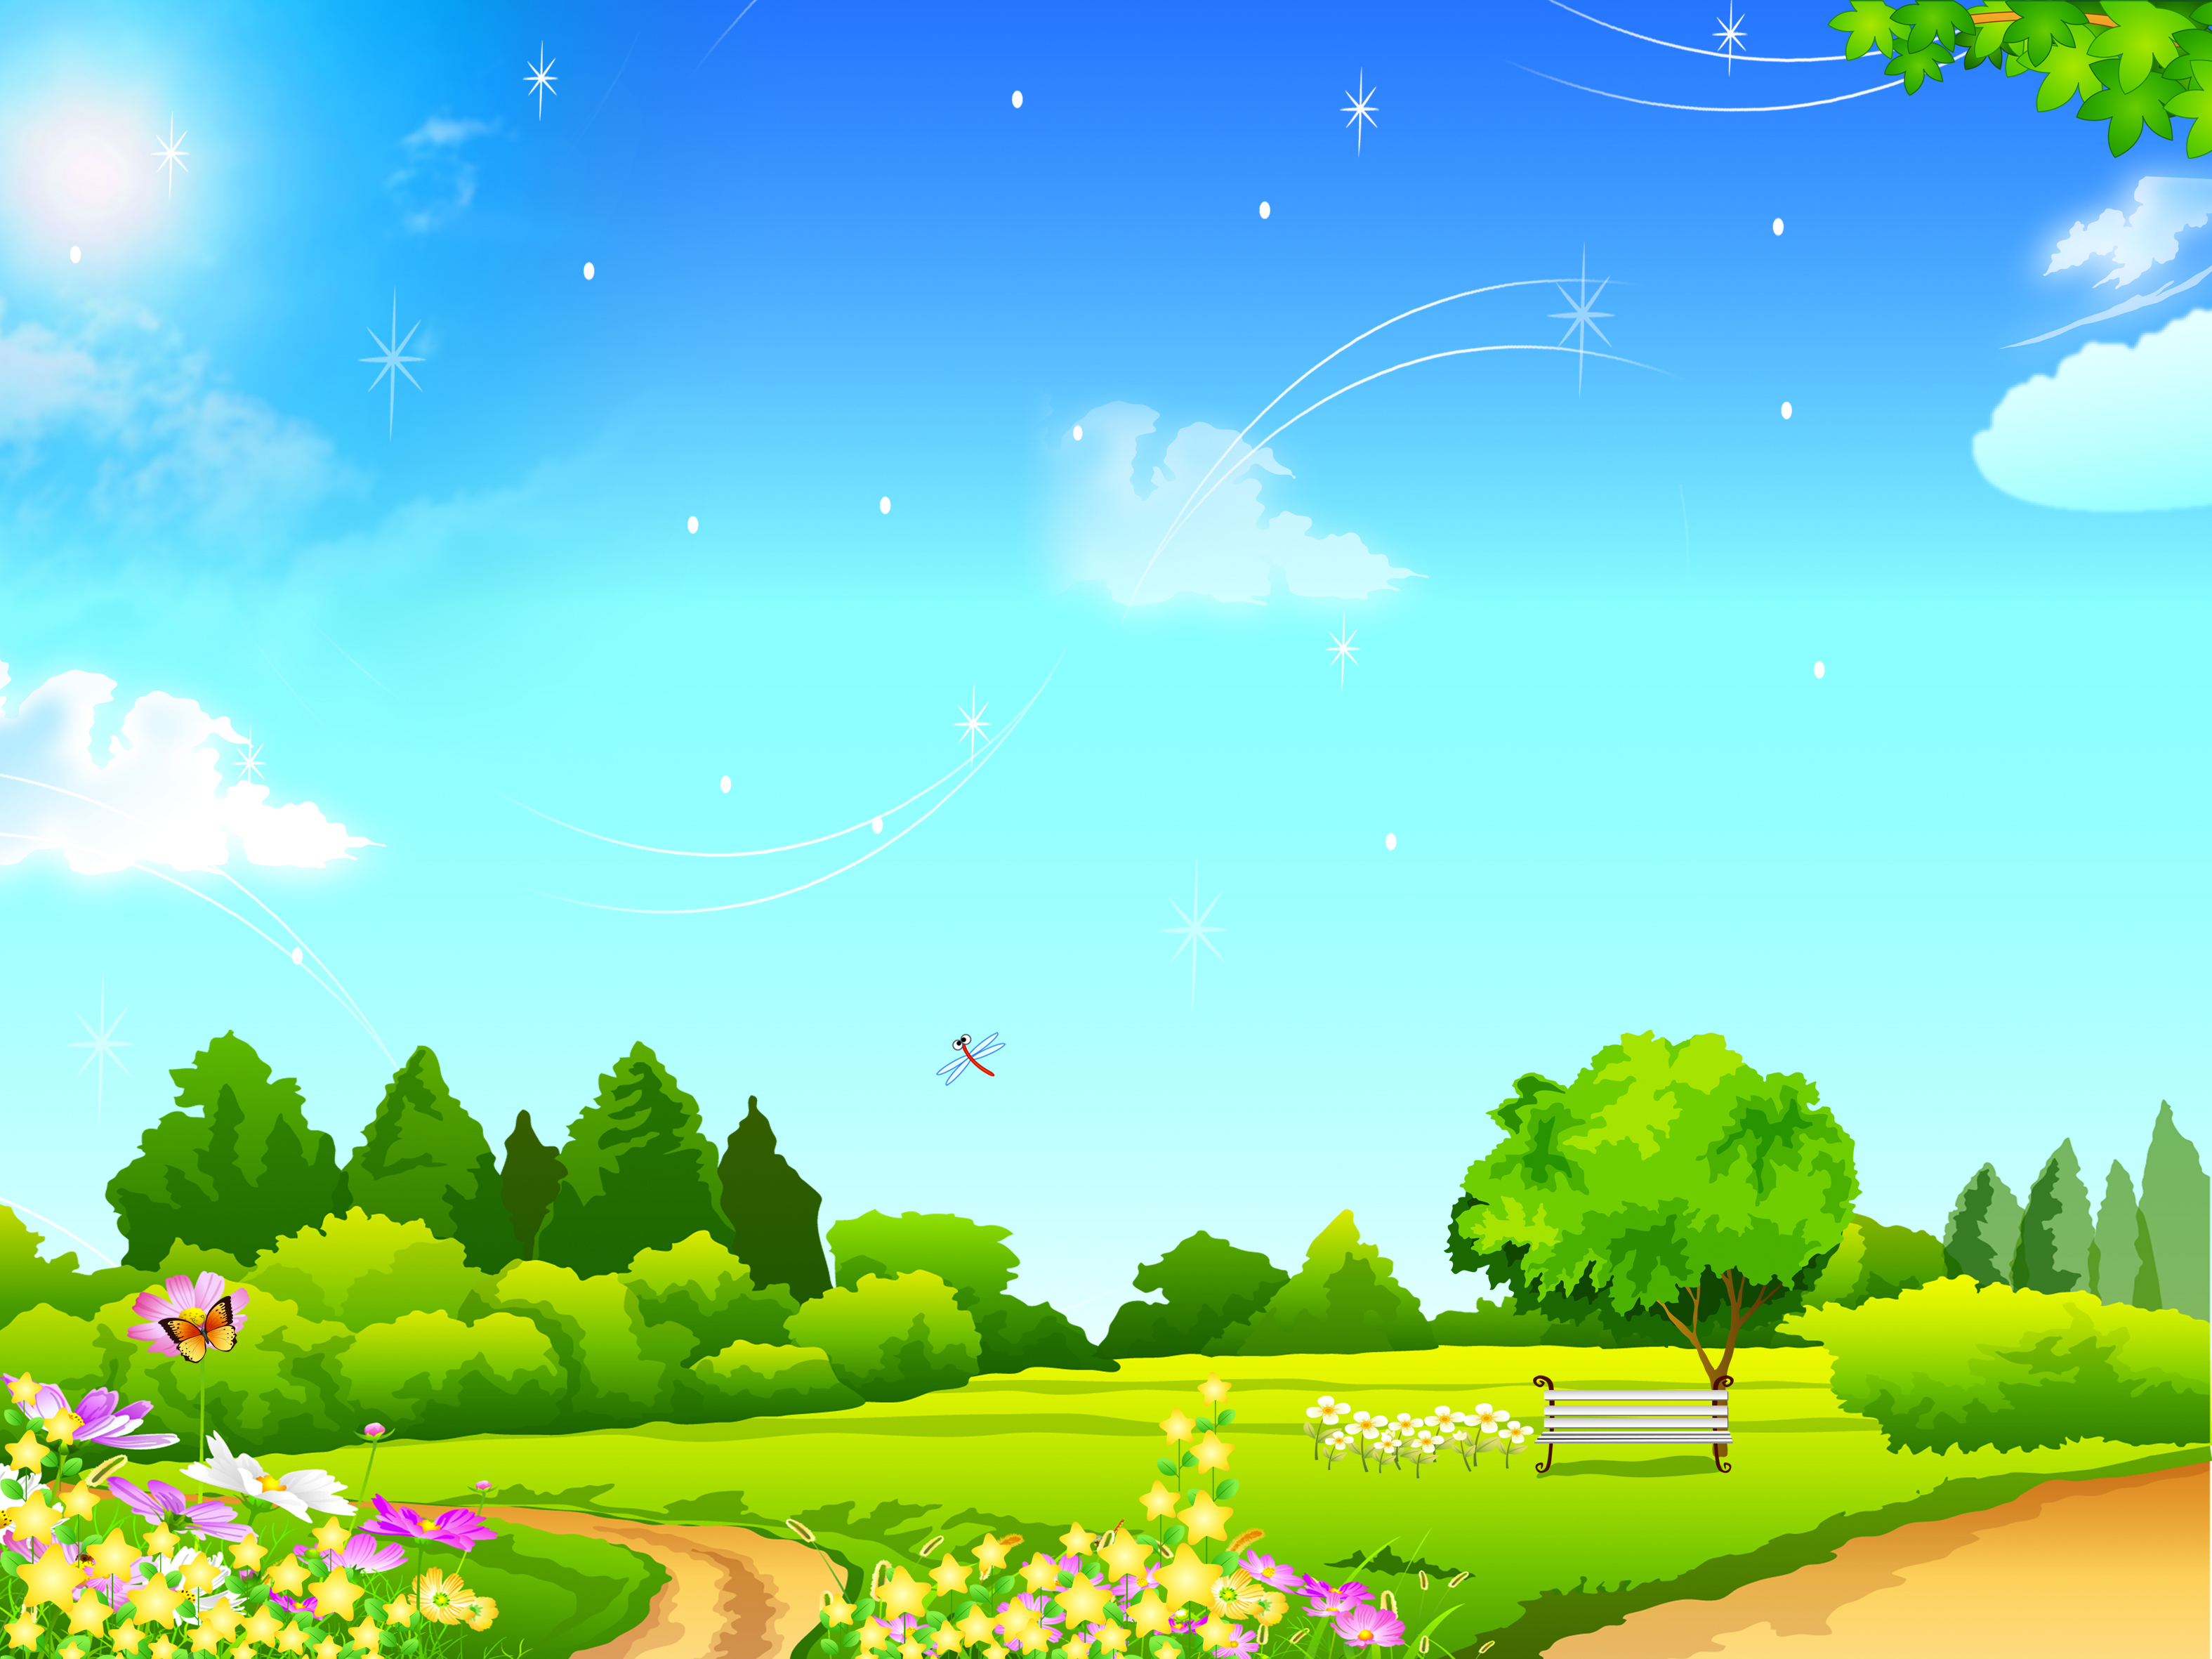 Le nuvole in cielo il poster di cartone verde prato i cartoni